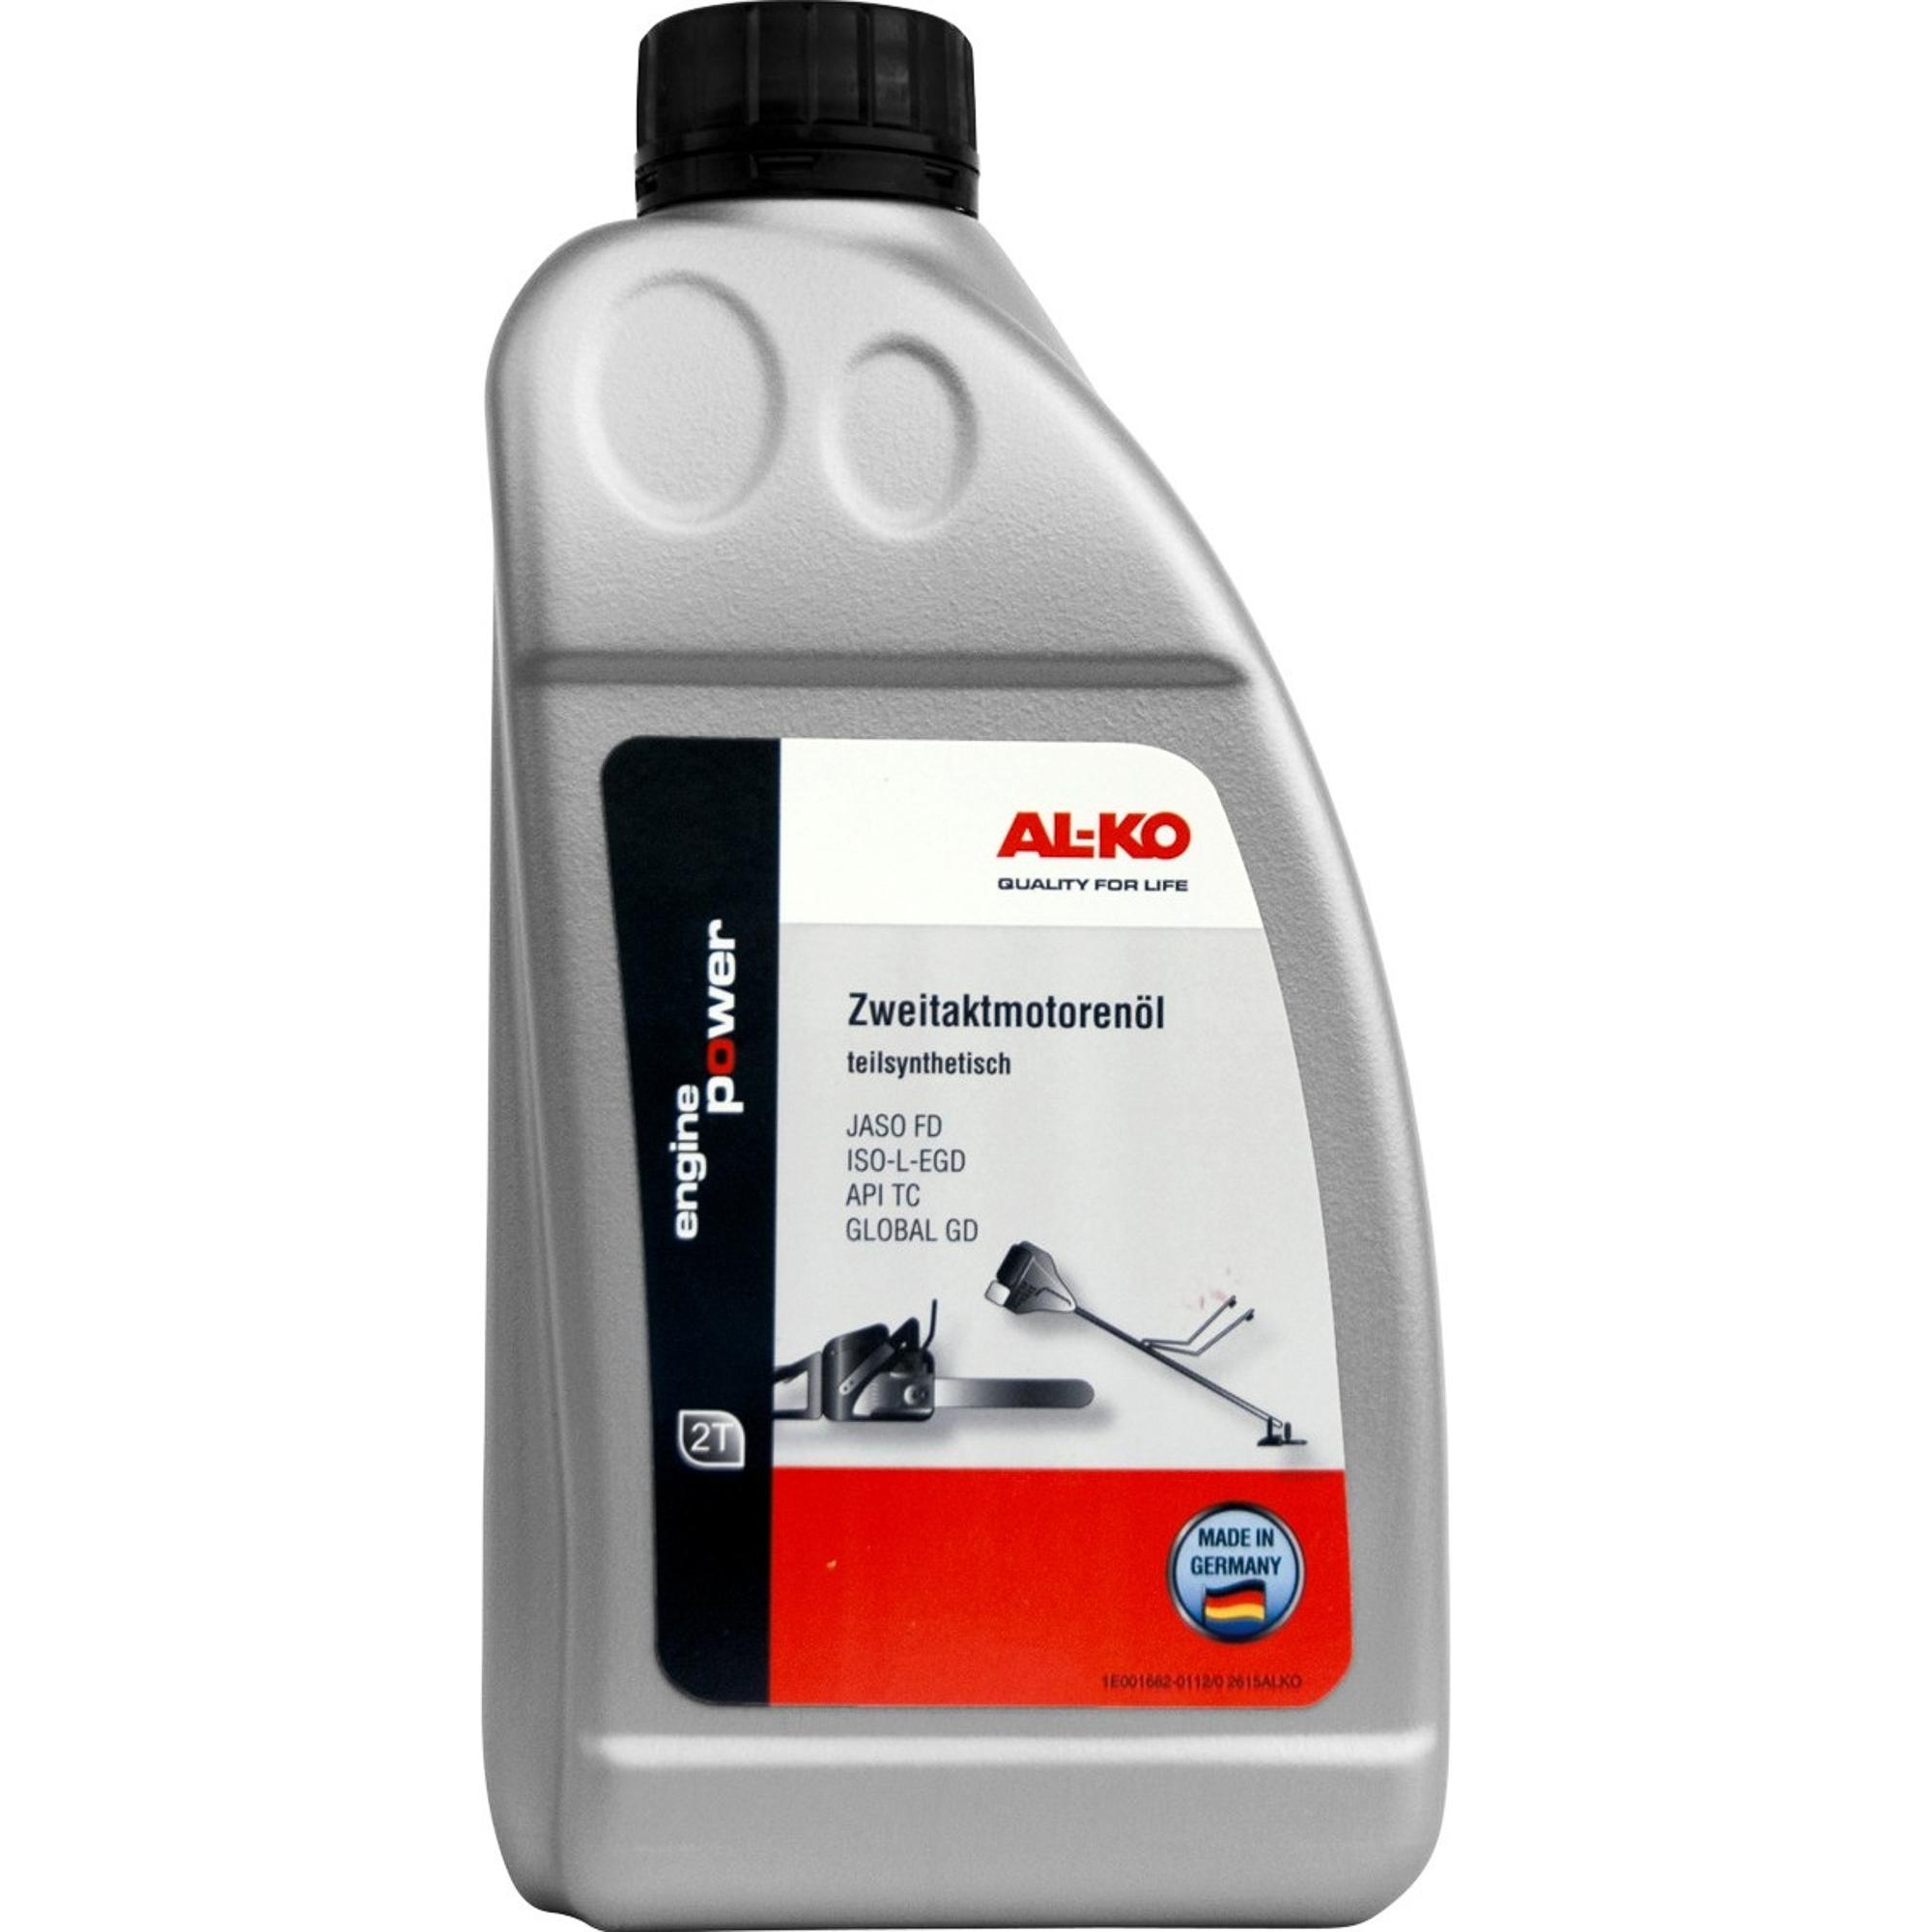 Масло AL-KO для 2-тактных мотокос и цепных пил 1 л аксессуар для цепных пил dde 647 727